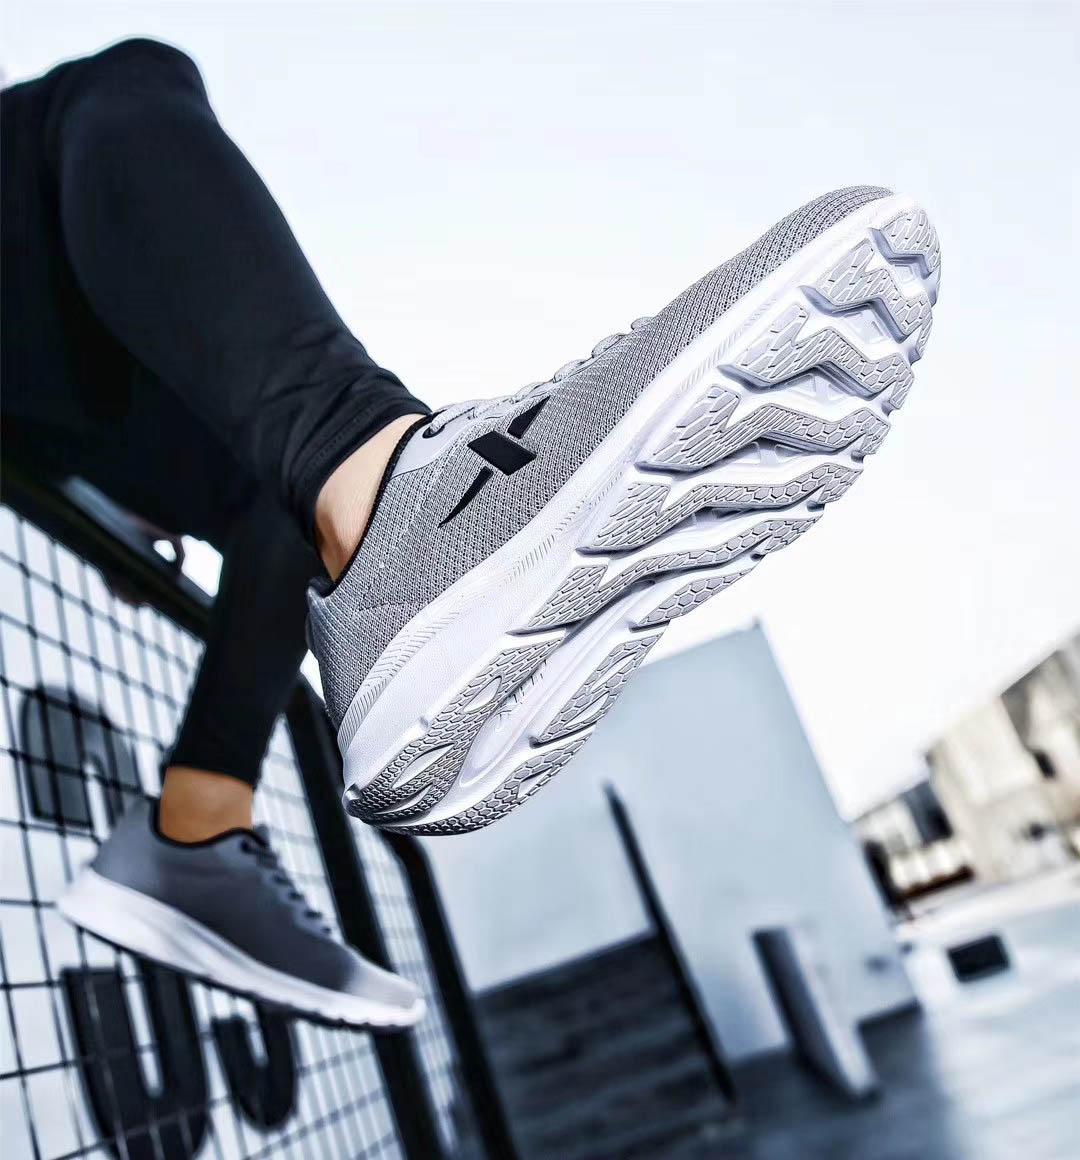 预约男鞋拍摄-福建靠谱的男鞋拍摄公司推荐